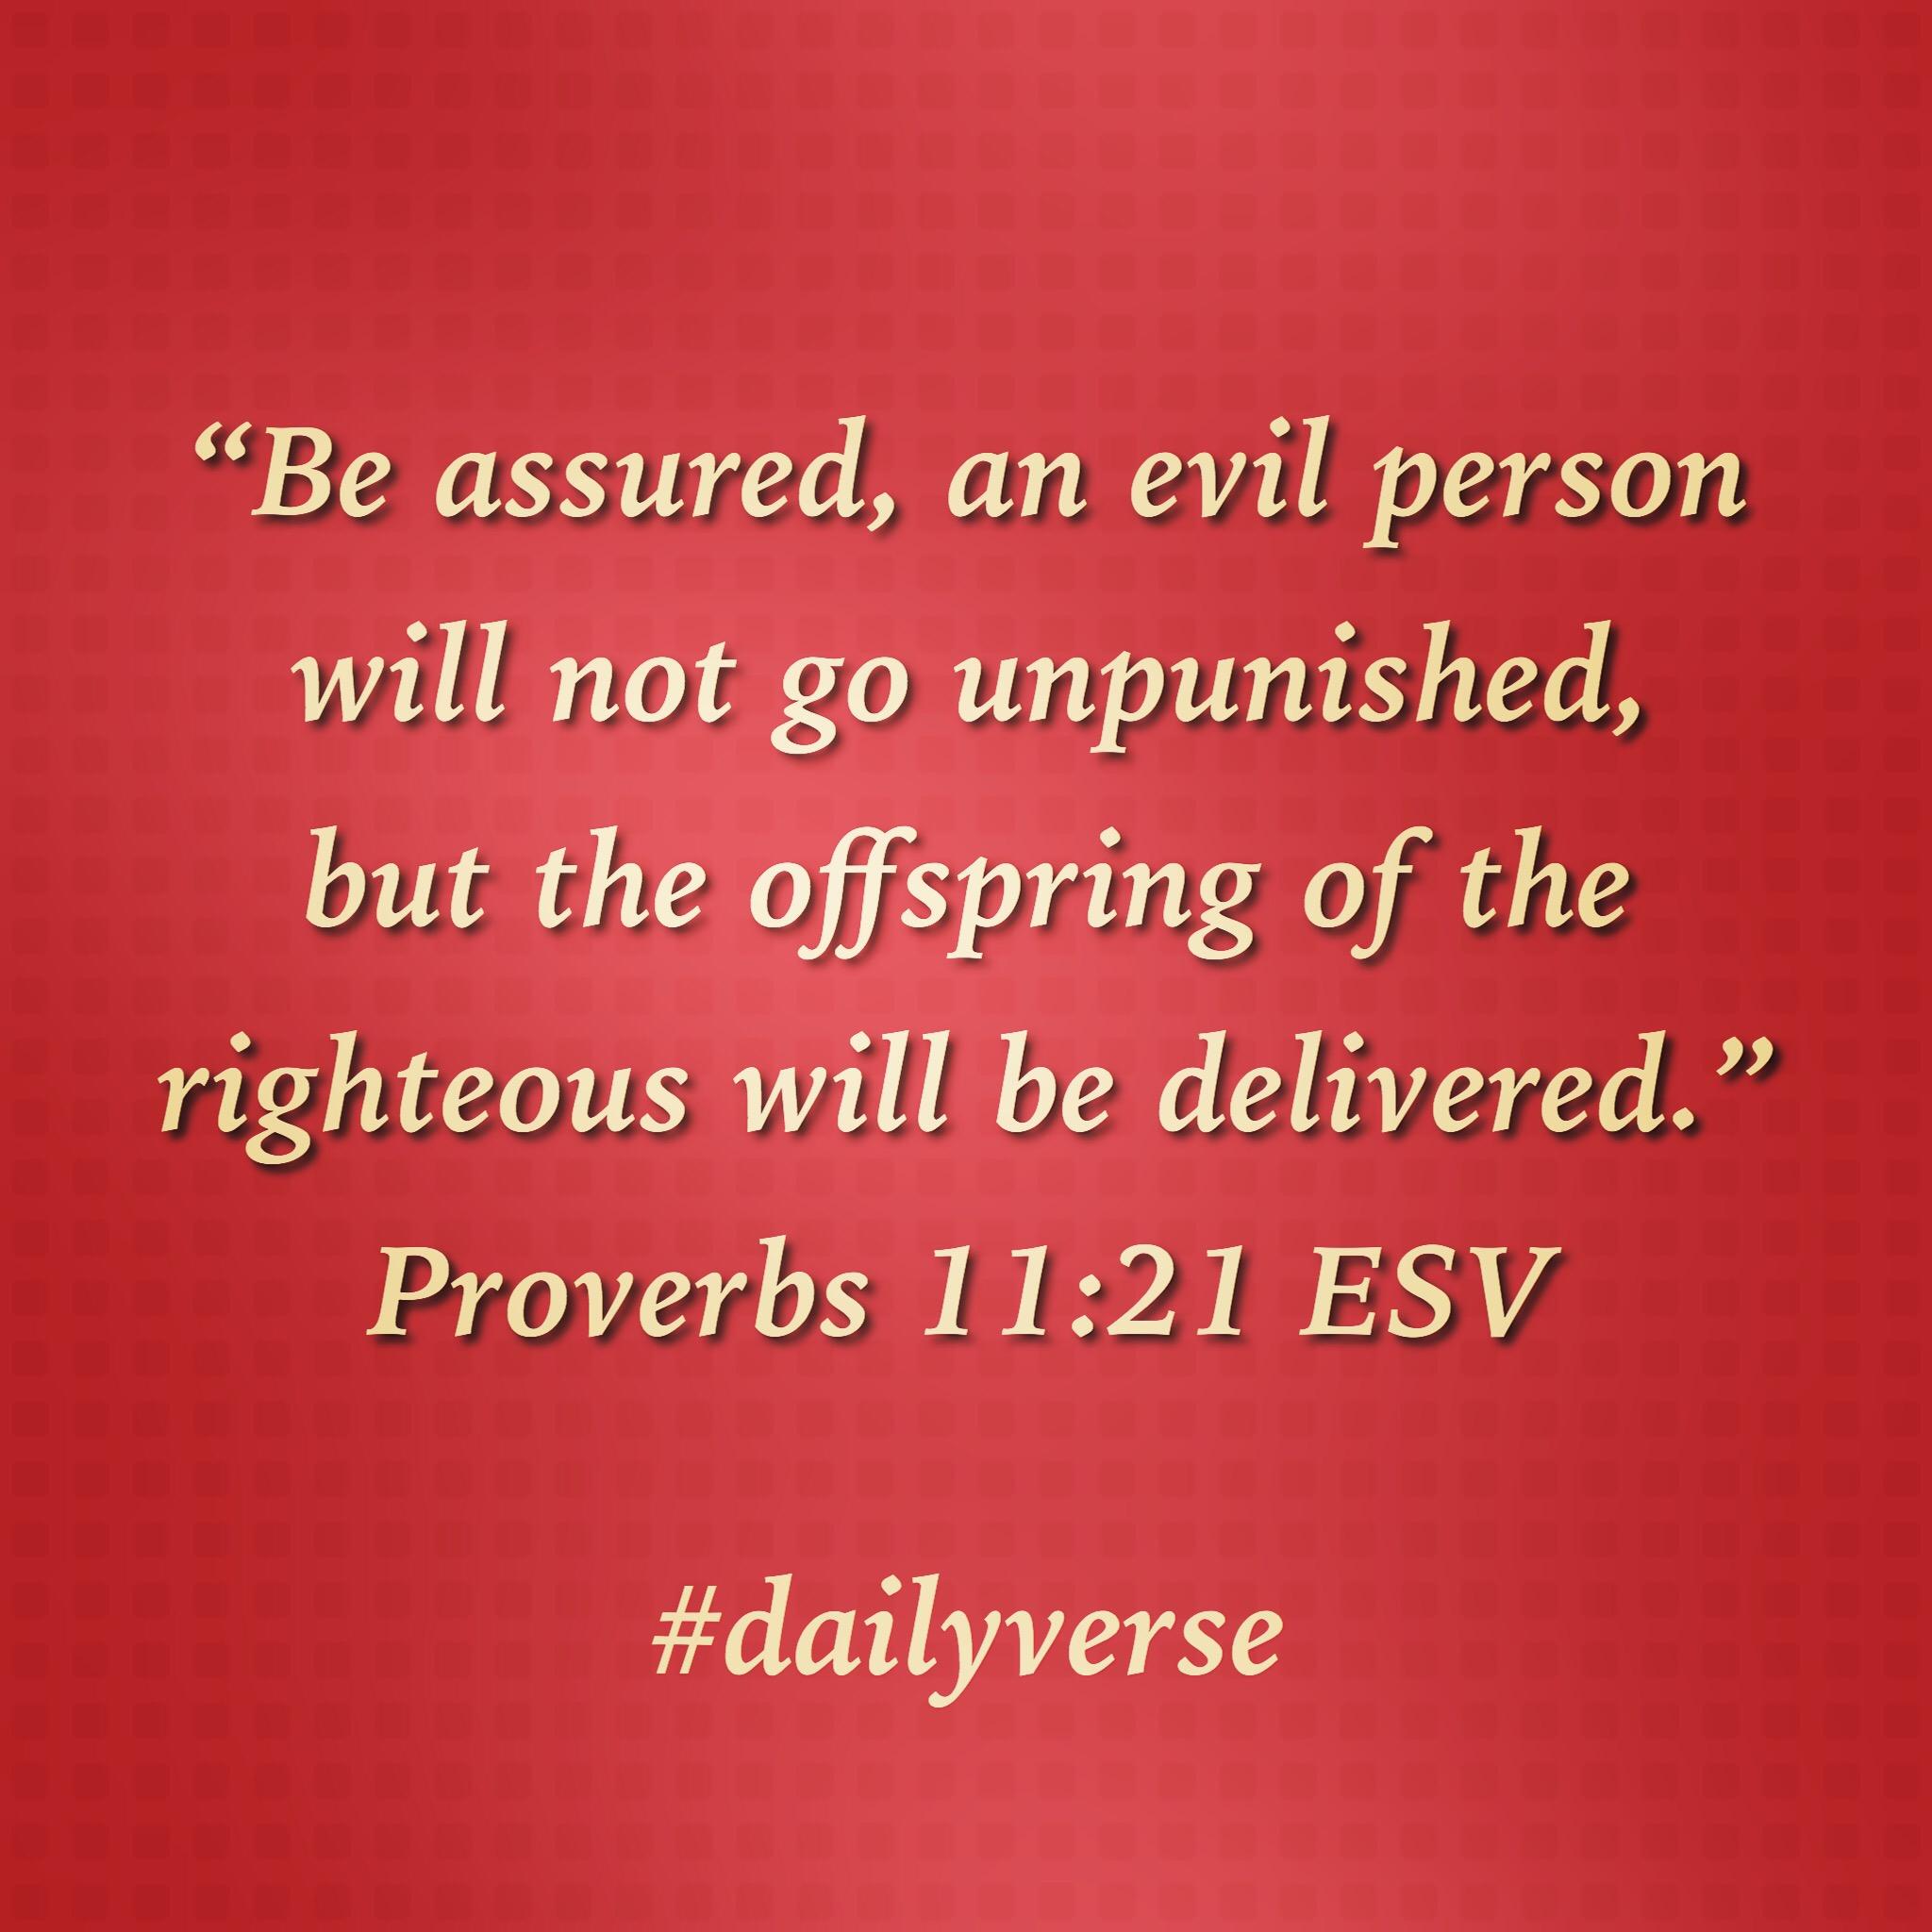 Proverbs 11:21